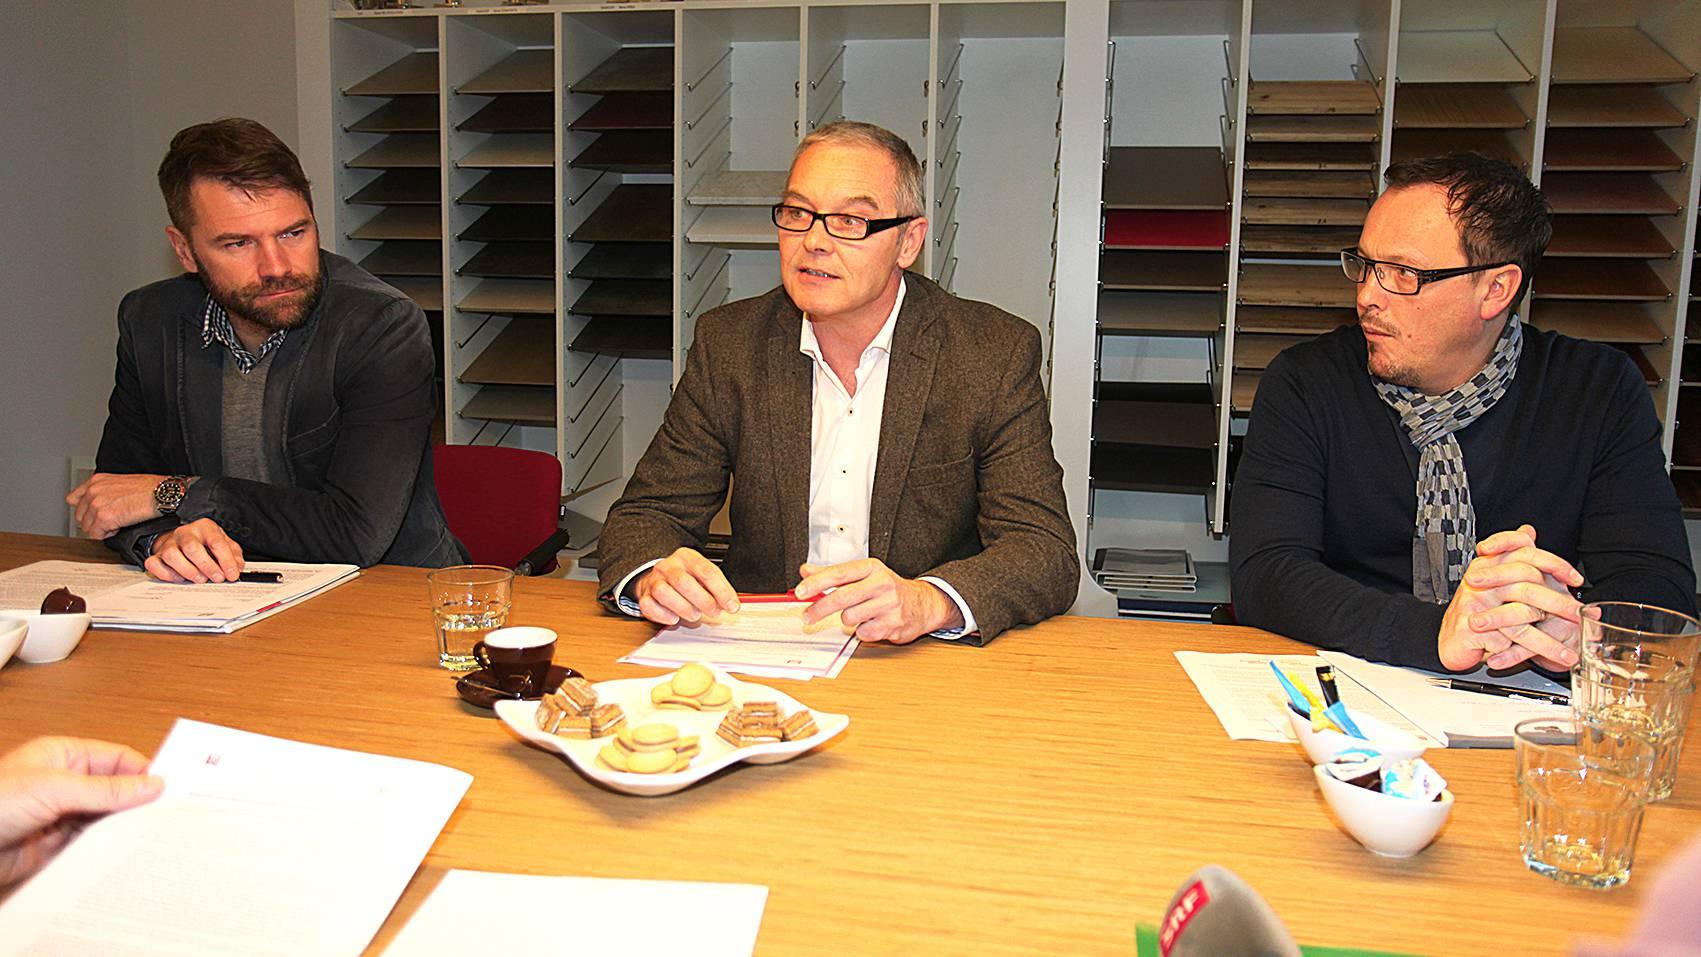 Nidwaldner Gewerbeverband will Image der Berufsbildung stärken